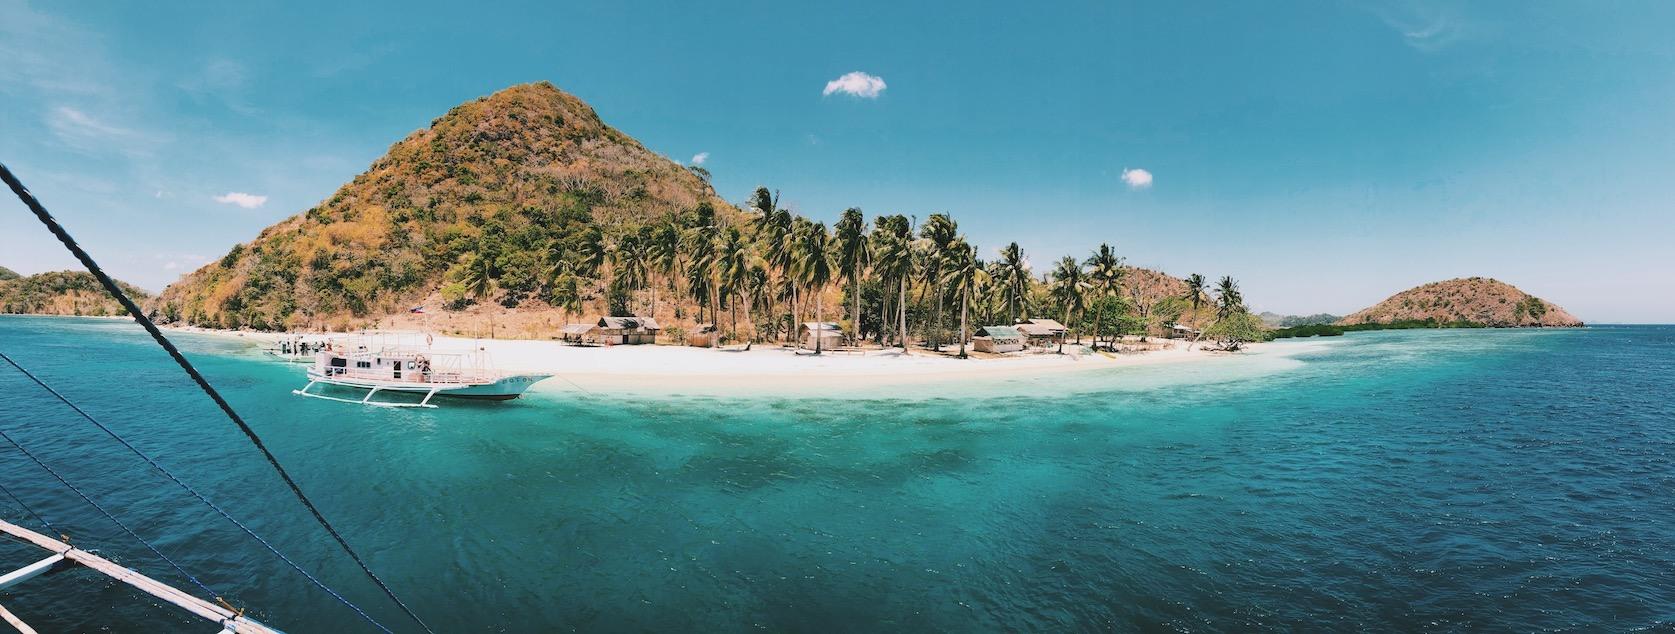 Expeditie Buhay Isla Filipijnen Solon Travel